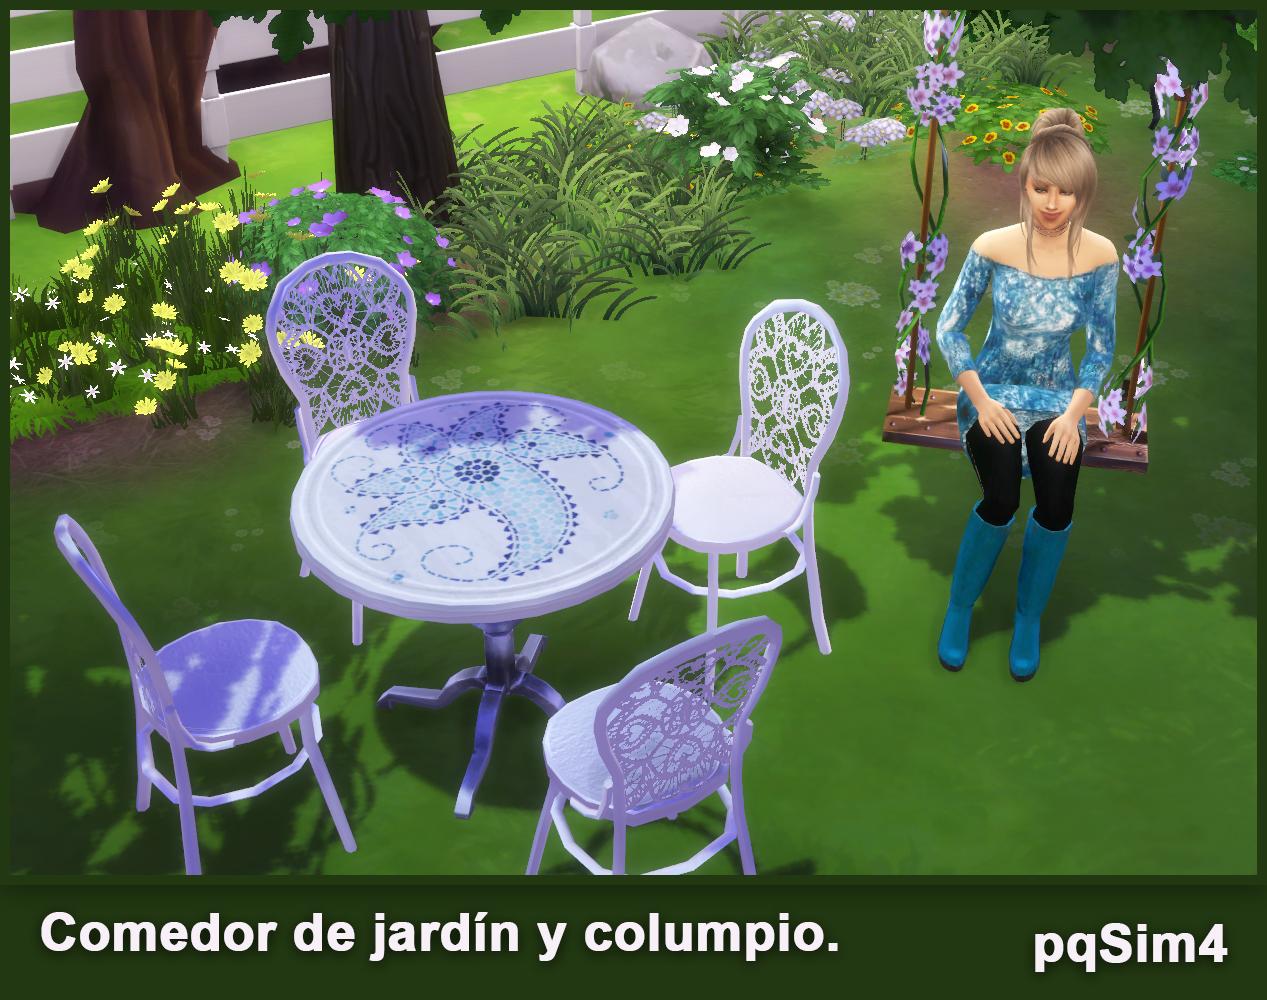 Comedor de jard n y columpio sims 4 custom content for Comedor para jardin